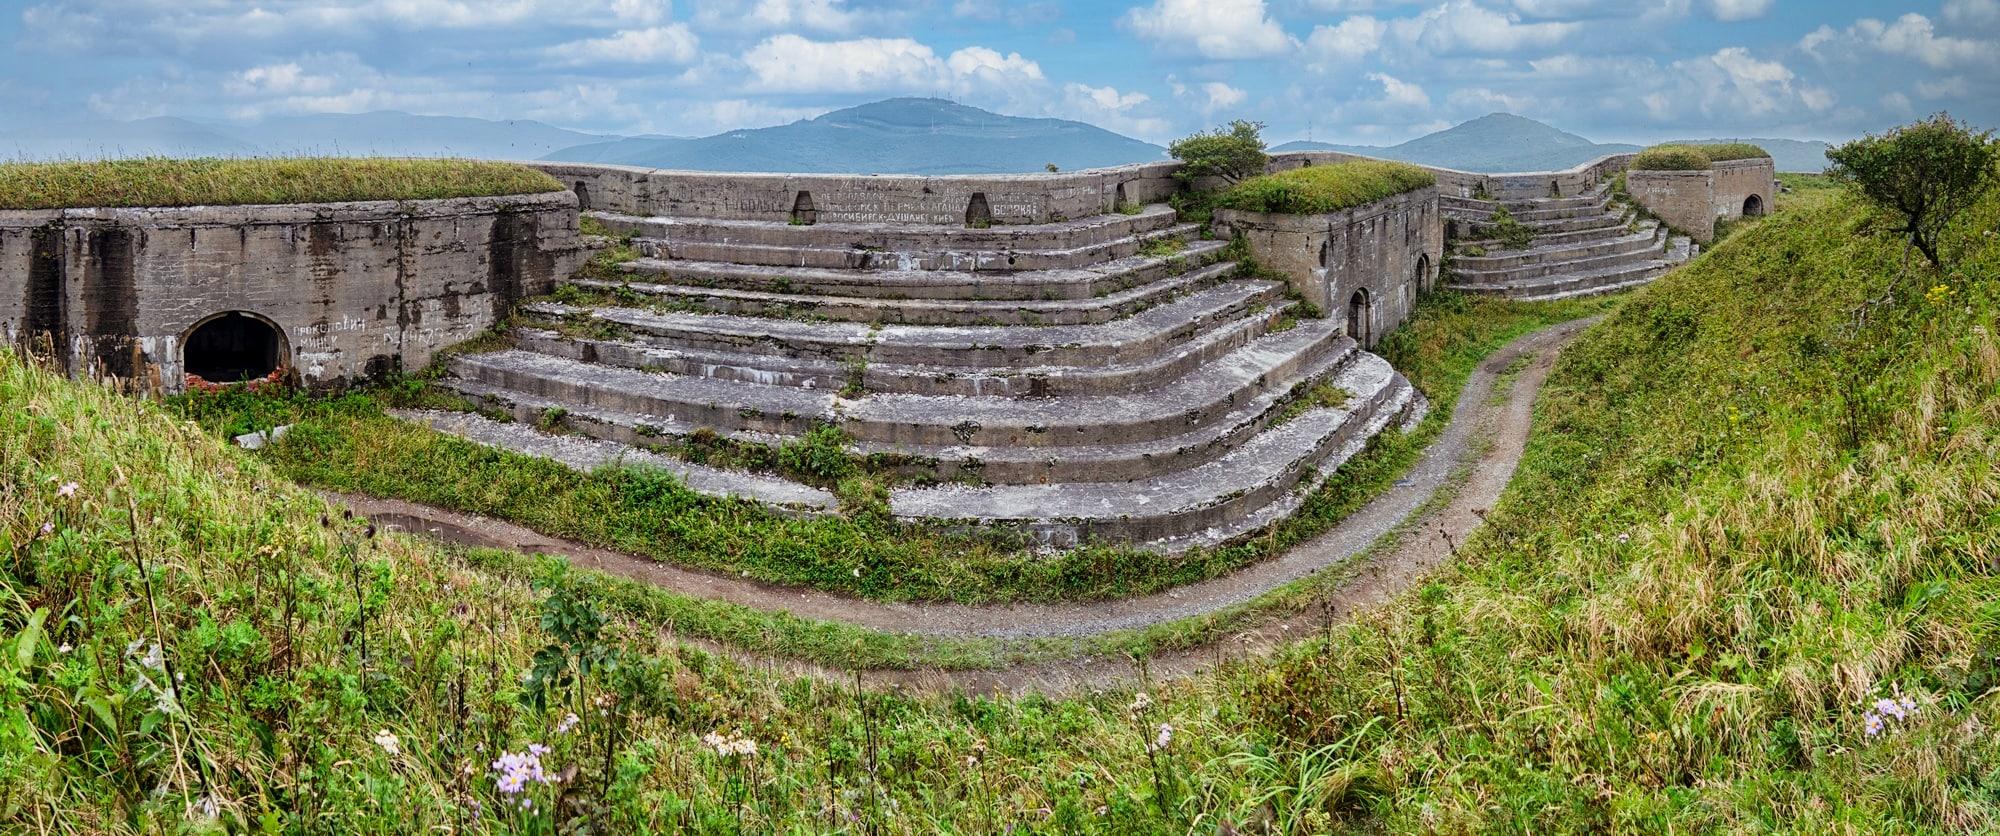 Wladiwostok Festung ©maxcam/depositphotos.com